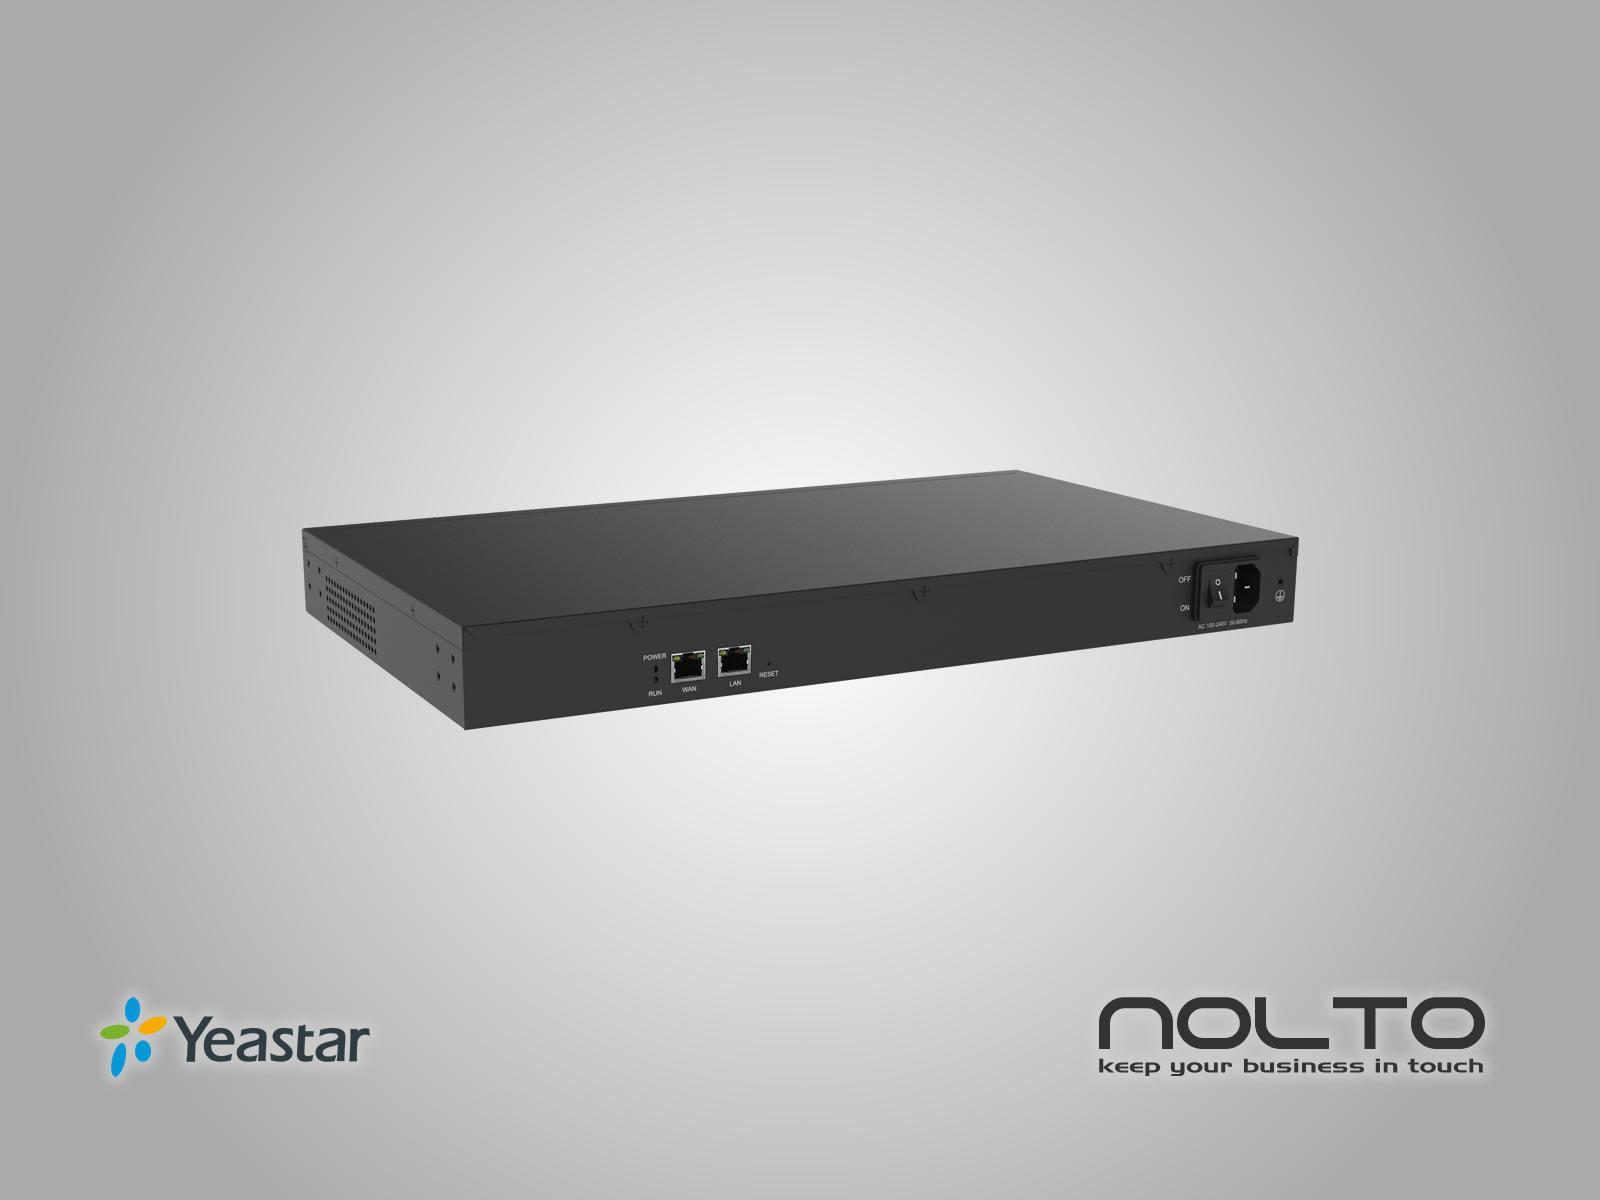 Yeastar TG1600G GSM Gateway